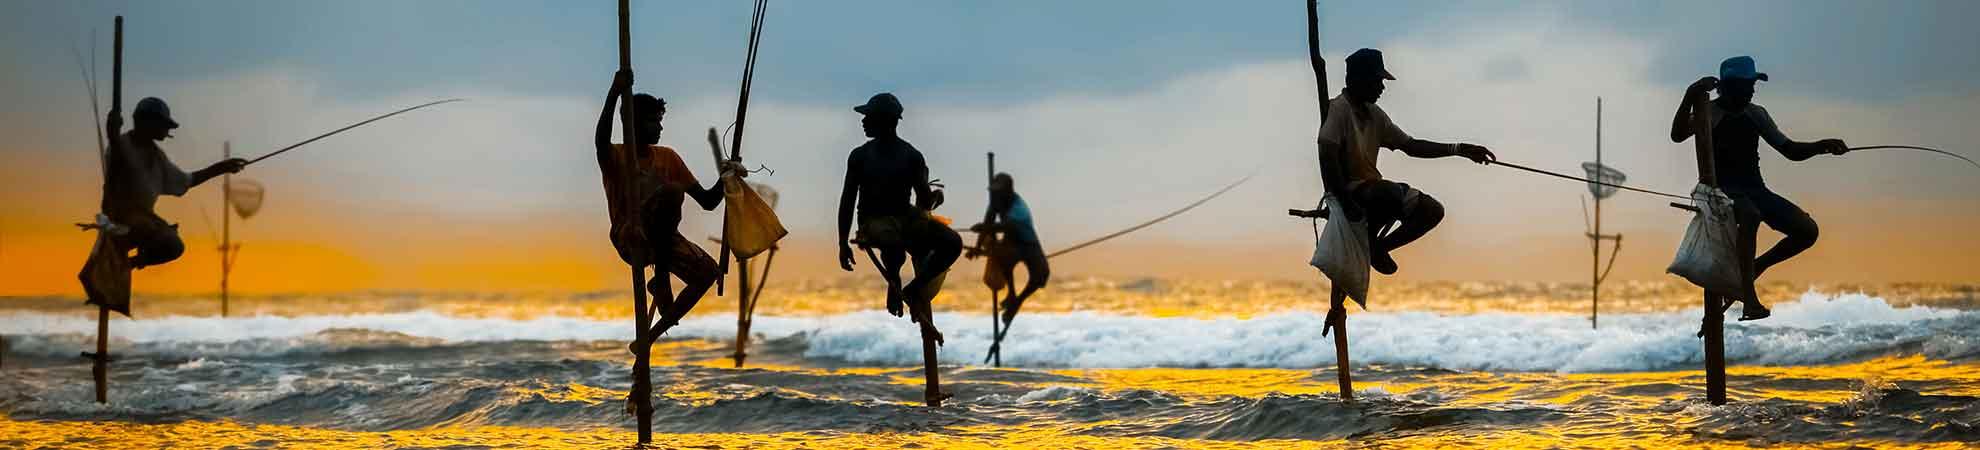 Top 10 : voyage combiné Sri Lanka Maldives